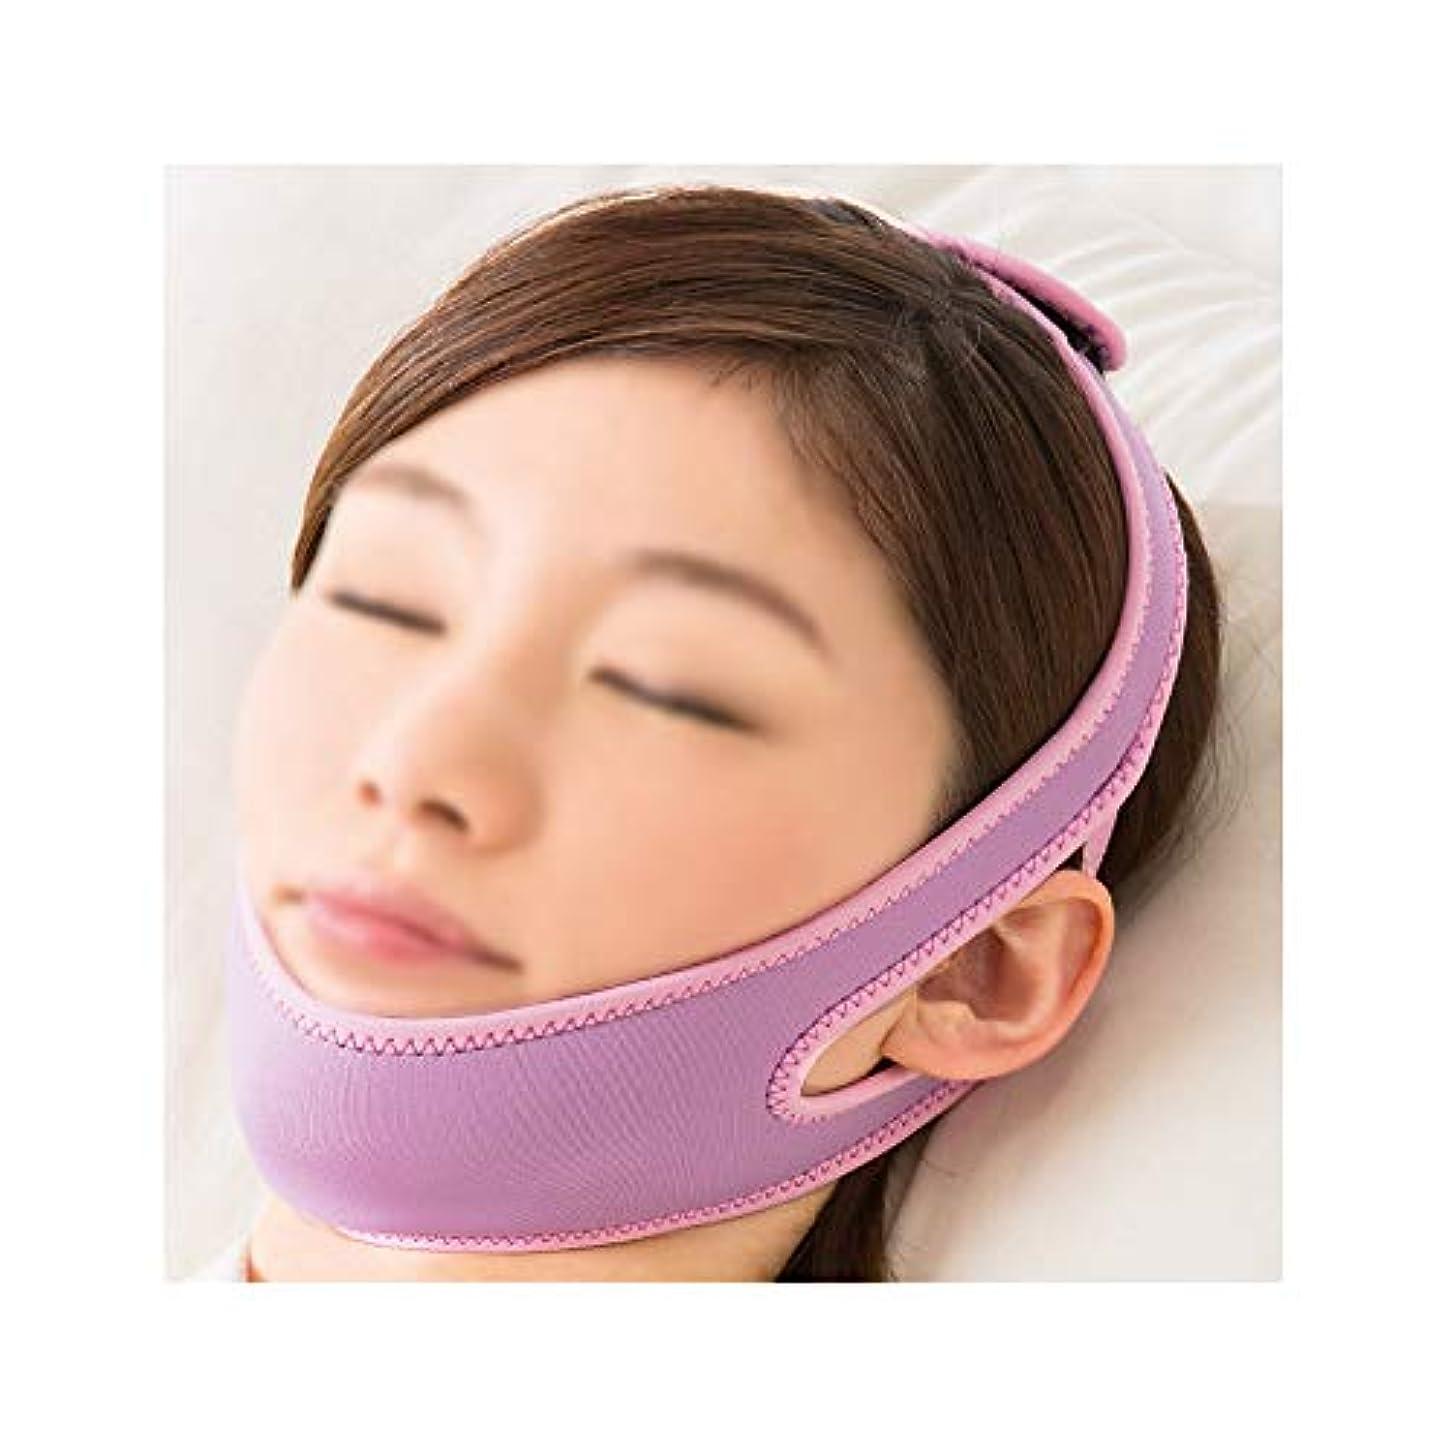 縫い目分布水銀のフェイシャルマスク、フェイスリフティングアーティファクトフェイスマスク垂れ下がり面付きVフェイス包帯通気性スリーピングフェイスダブルチンチンセット睡眠弾性スリミングベルト